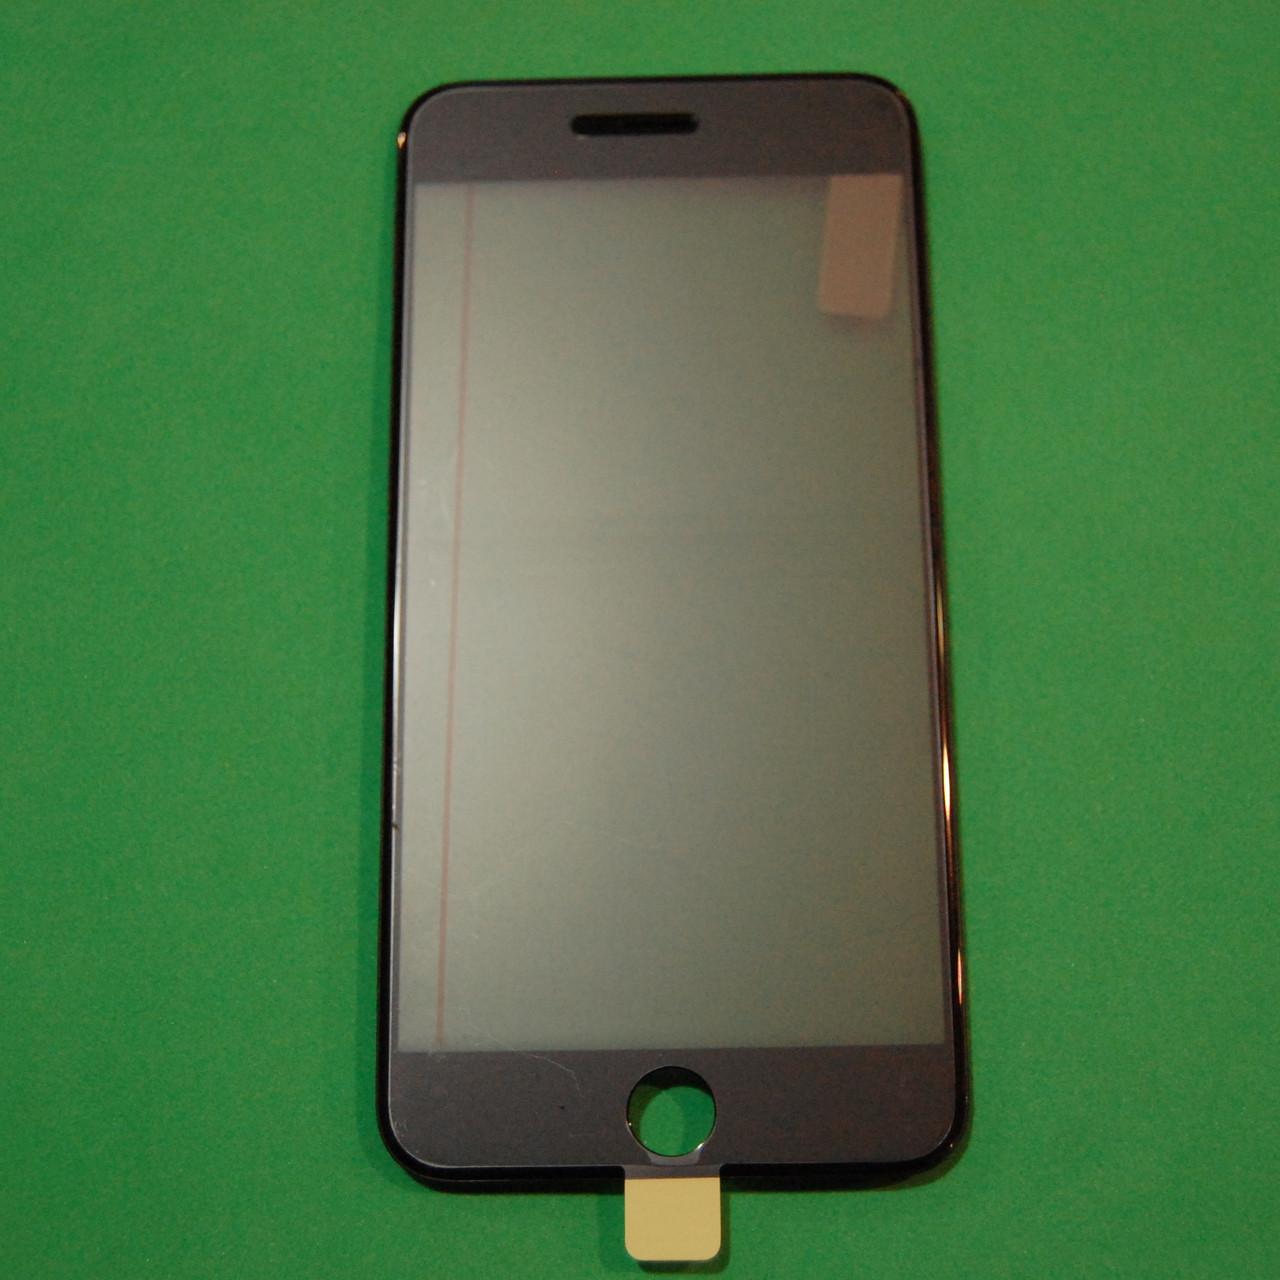 Стекло корпуса для Apple iPhone 6S Plus с рамкой,OCA пленкой,поляризационной пленкой, черное